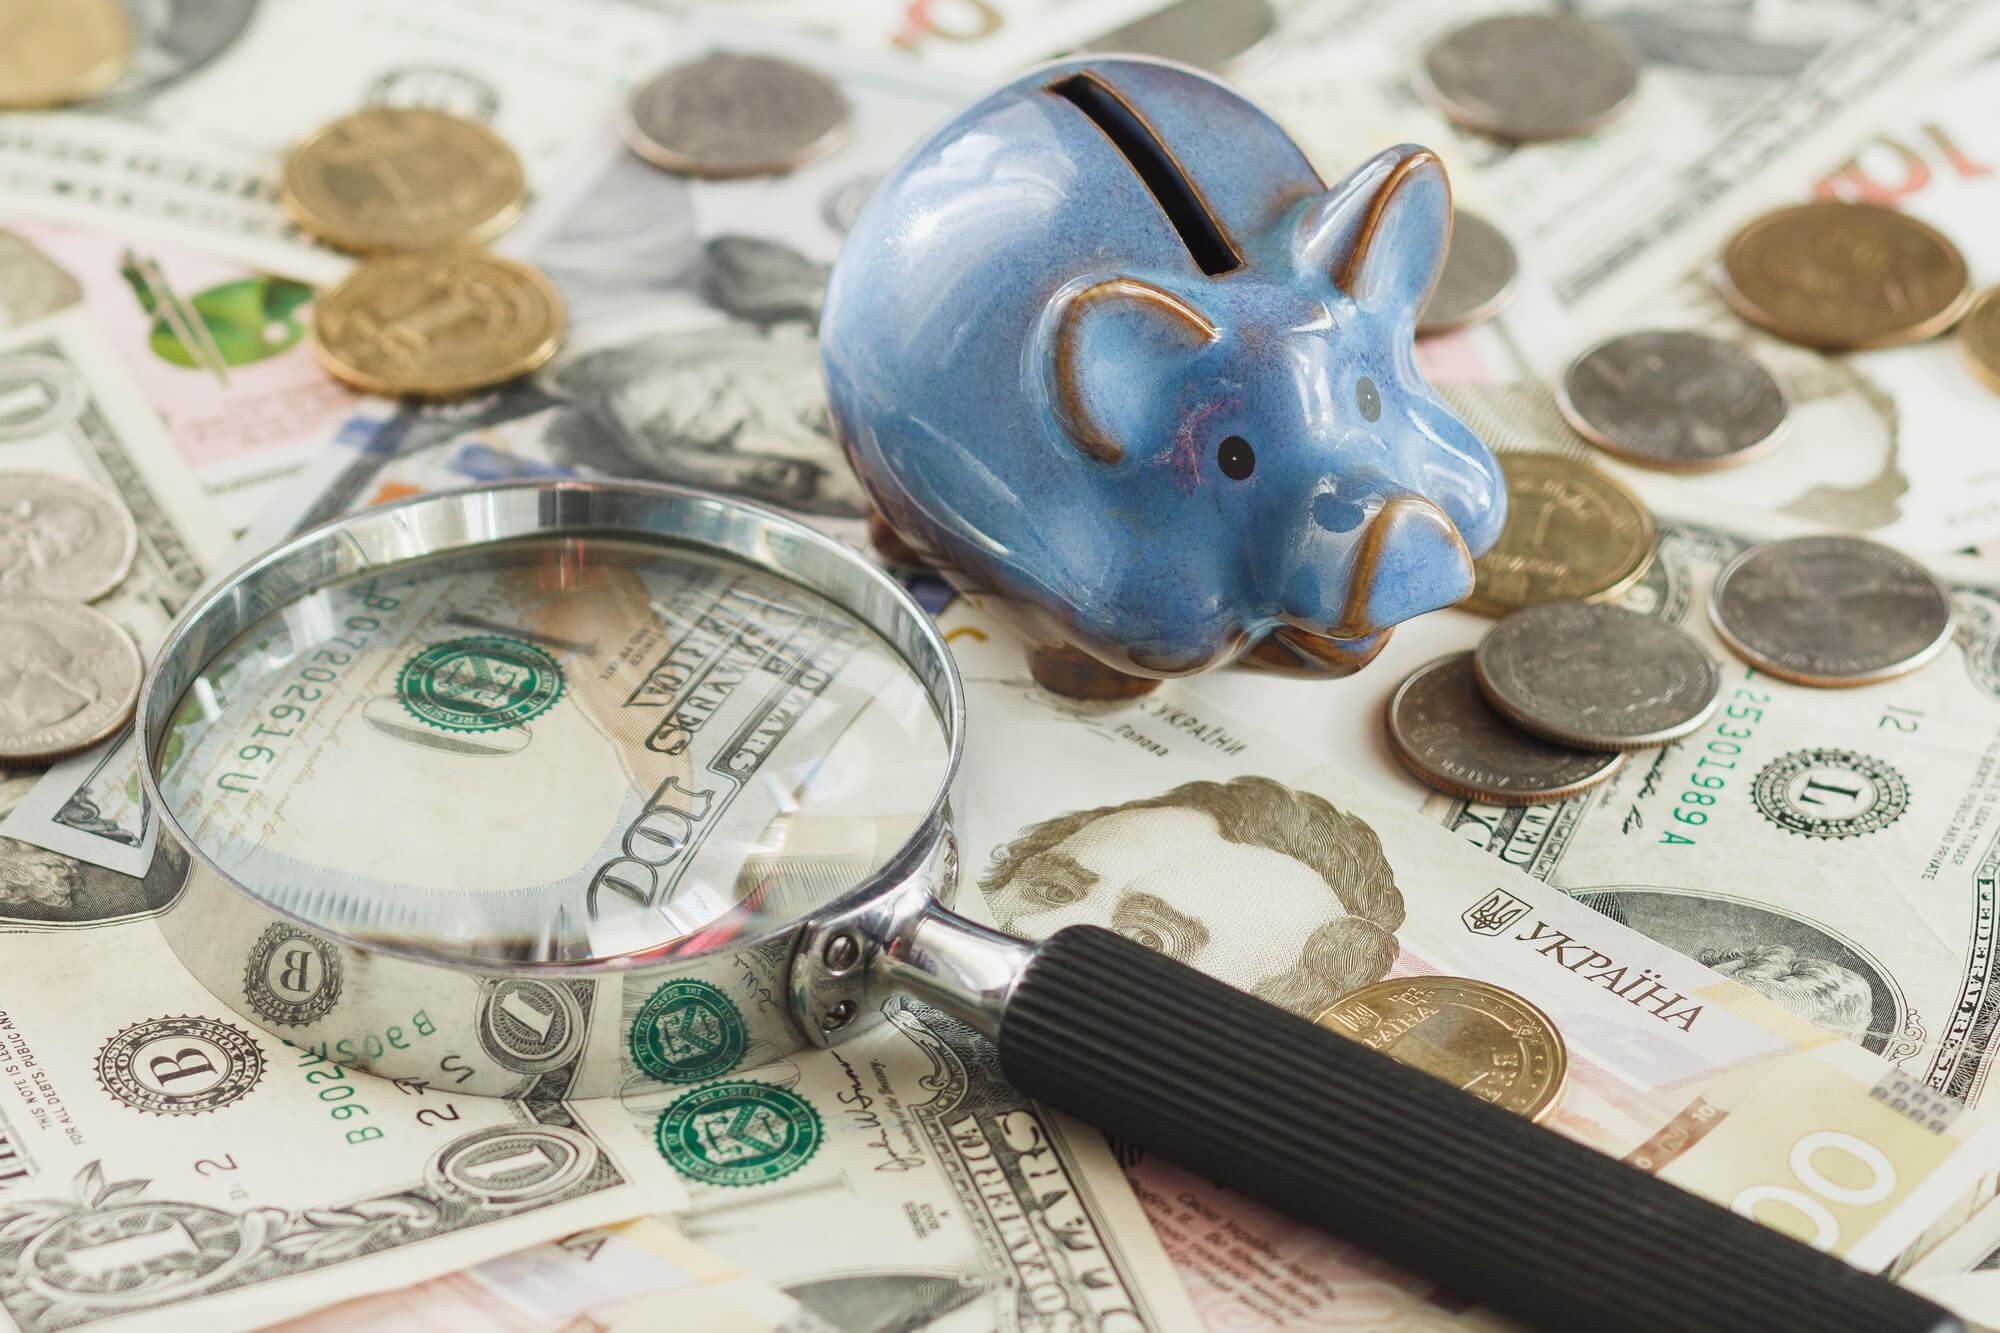 С судимостью можно получить кредит как взять кредит чтобы погасить старый